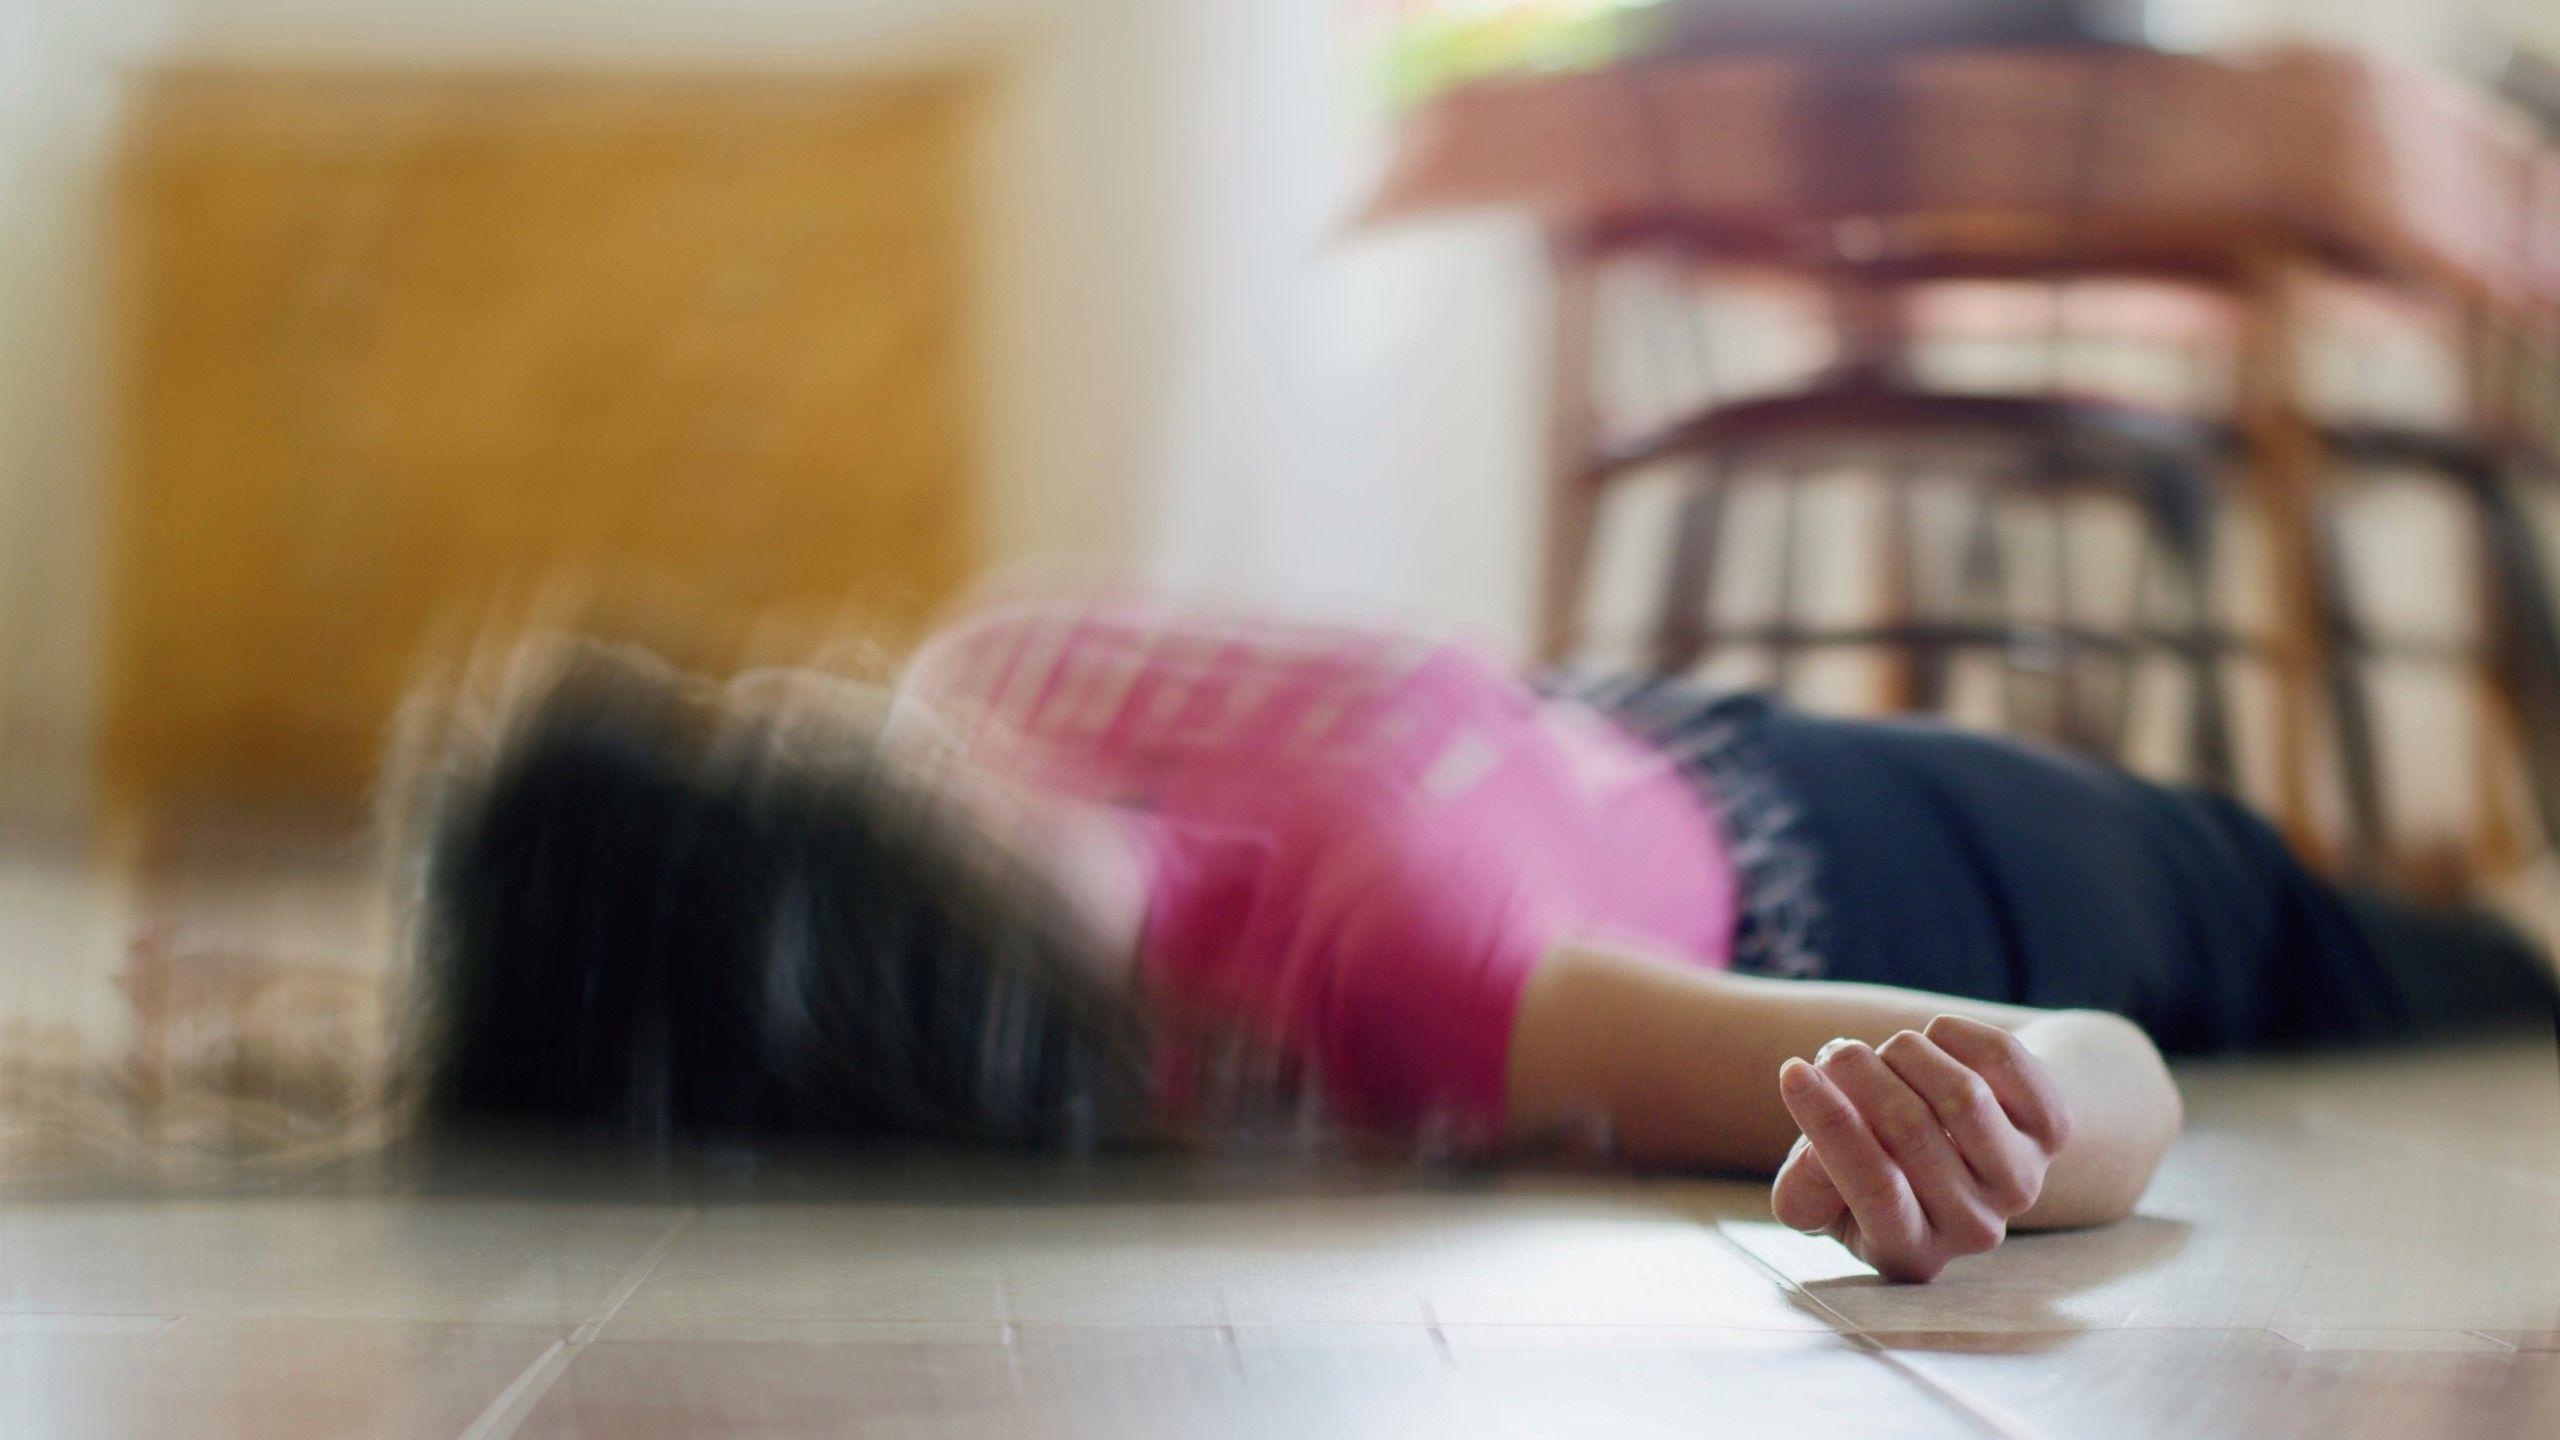 Eine Frau liegt am Boden nach dem sie einen Schlaganfall erlitten hat